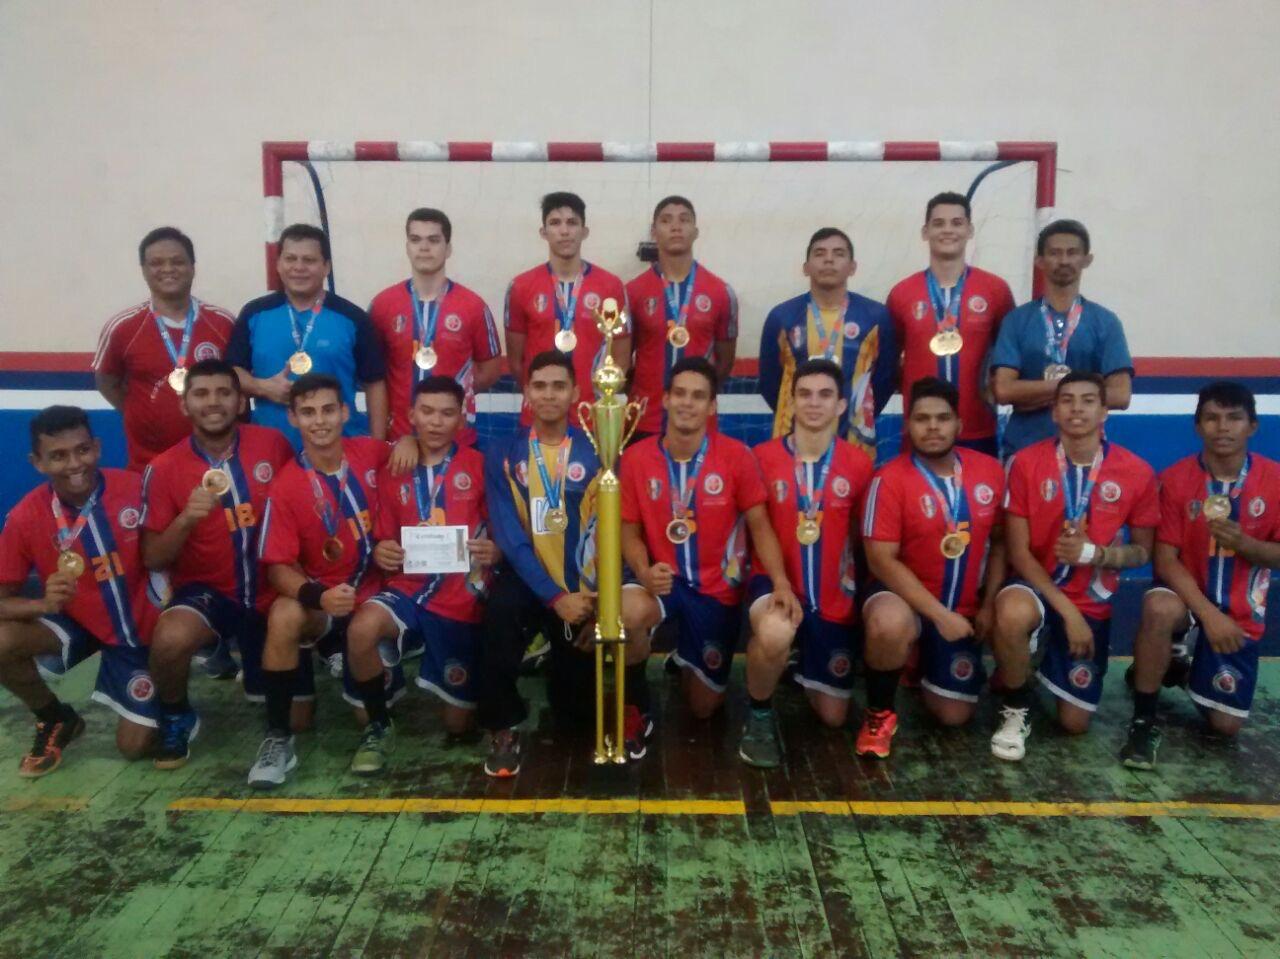 Equipe de handebol masculino da Universidade Nilton Lins vence o Campeonato Amazonense